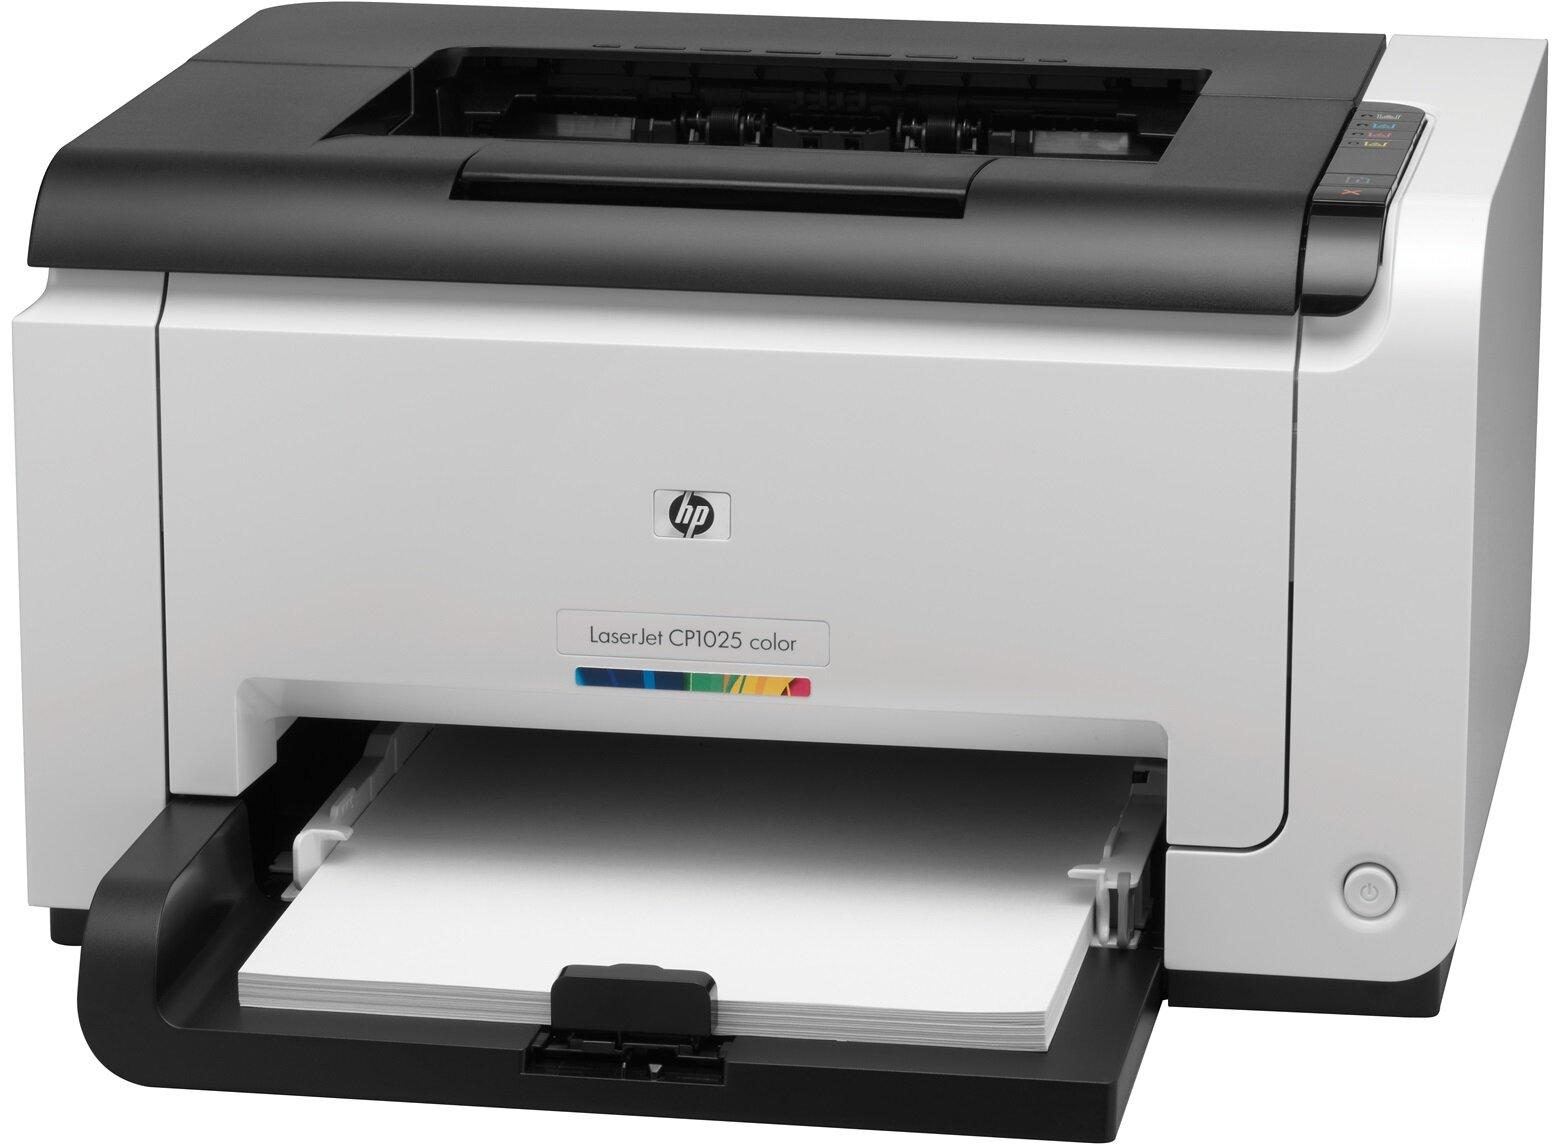 Phần mềm tính toán chi phí sử dụng máy in TCO của HP